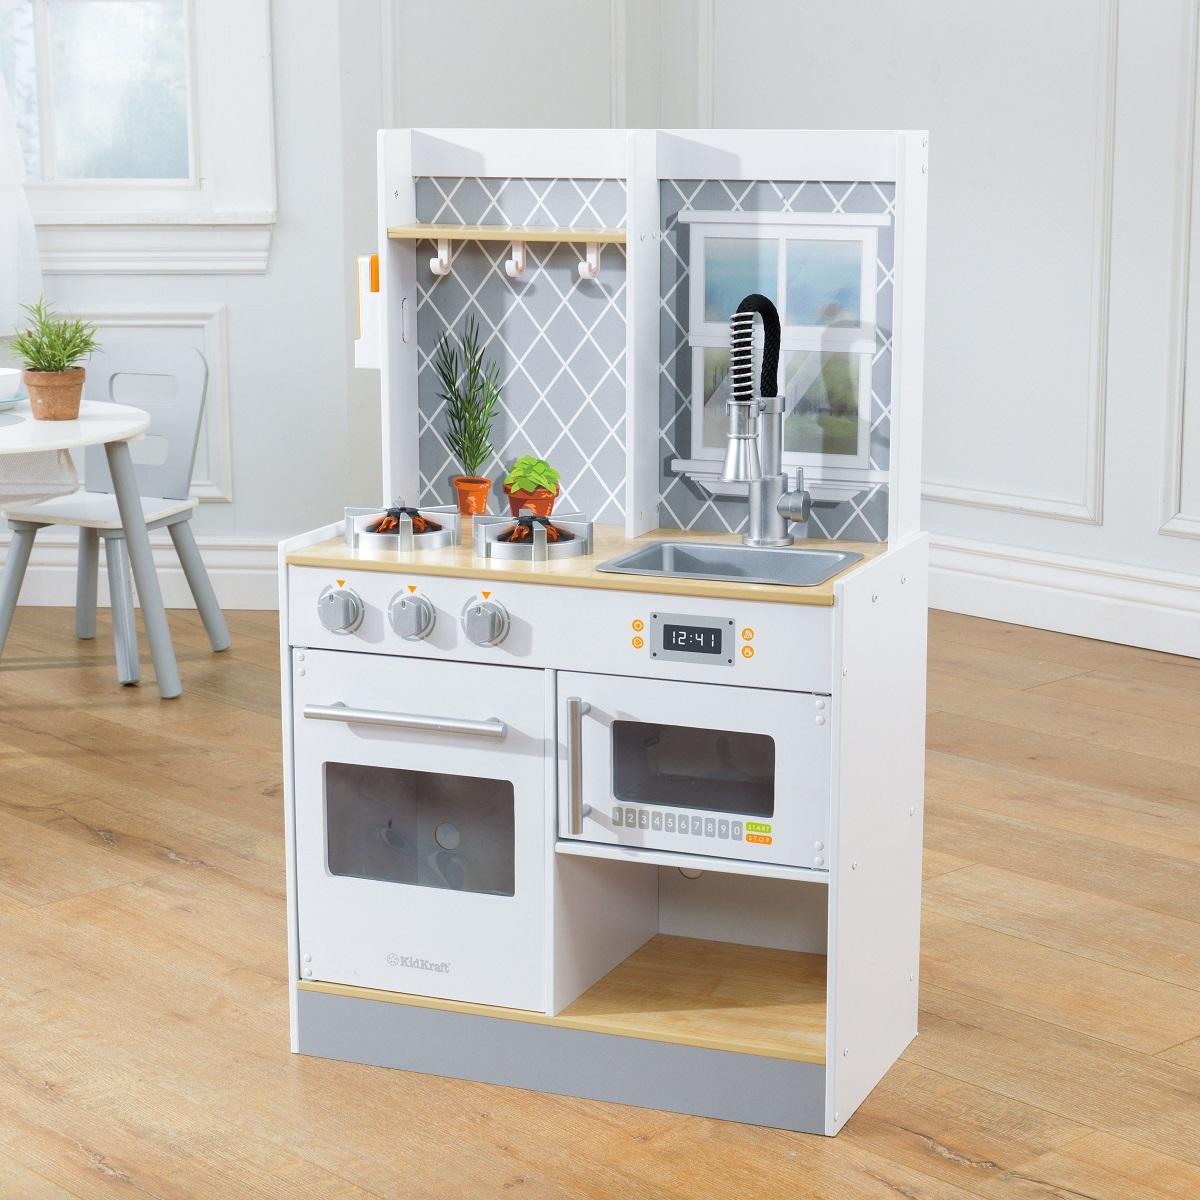 Kidkraft Let S Cook Wooden Play Kitchen Kitchen